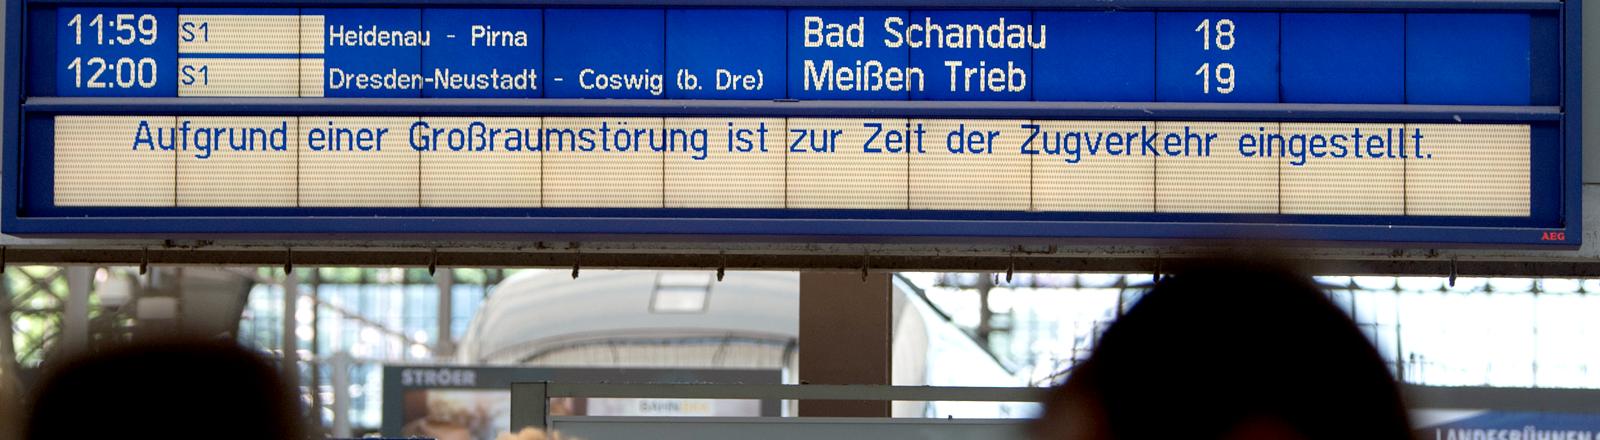 Eine Anzeigentafel bei der Bahn zeigt die Störung an